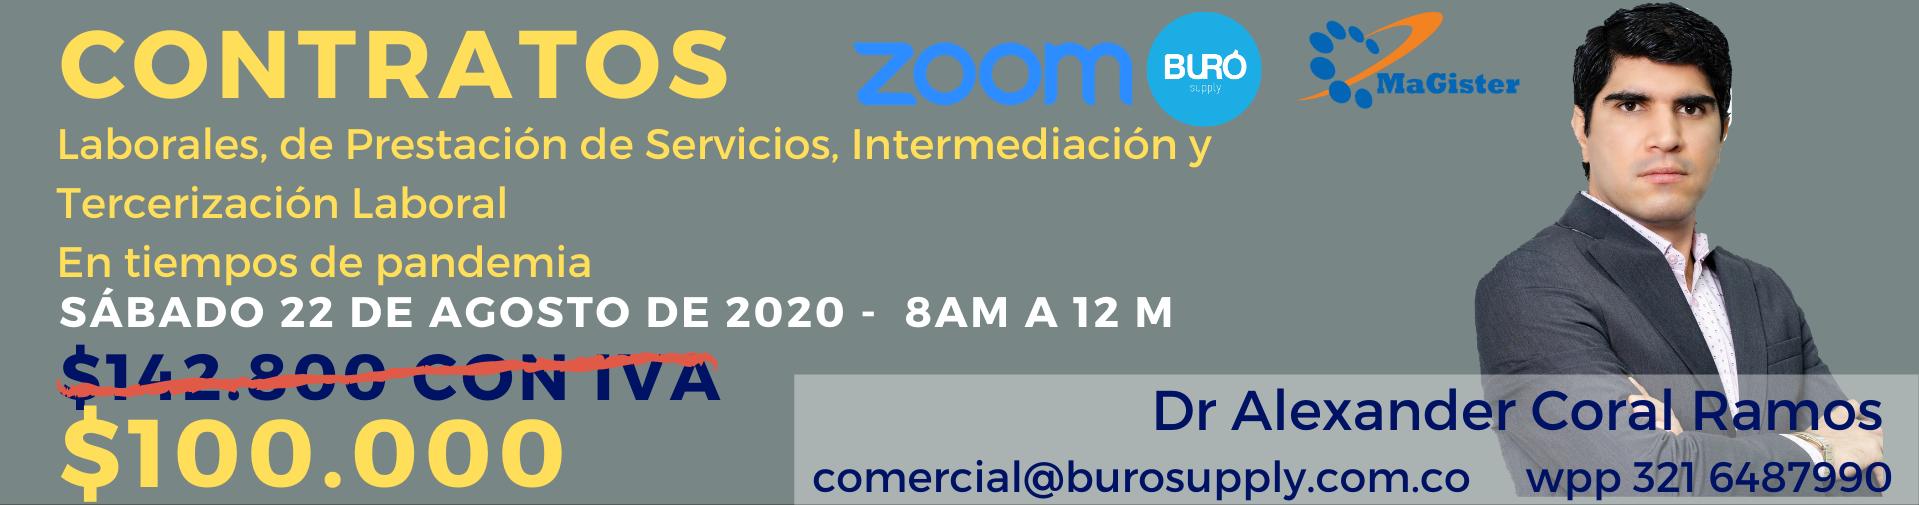 contratos 2020 web